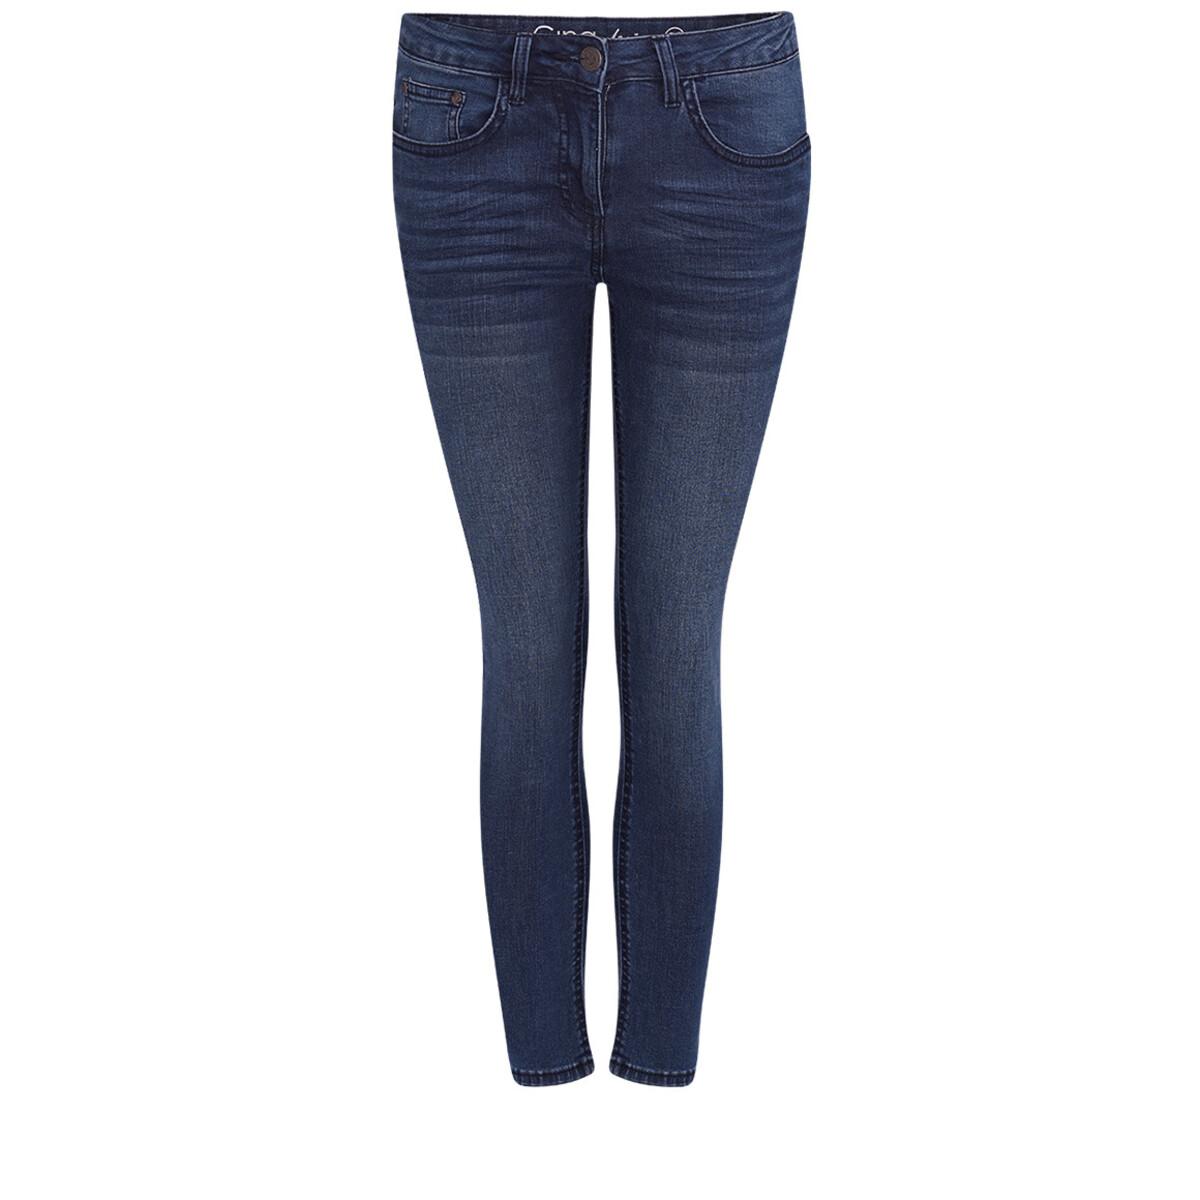 Bild 1 von 7/8 Damen Slim-Jeans mit Used-Waschung